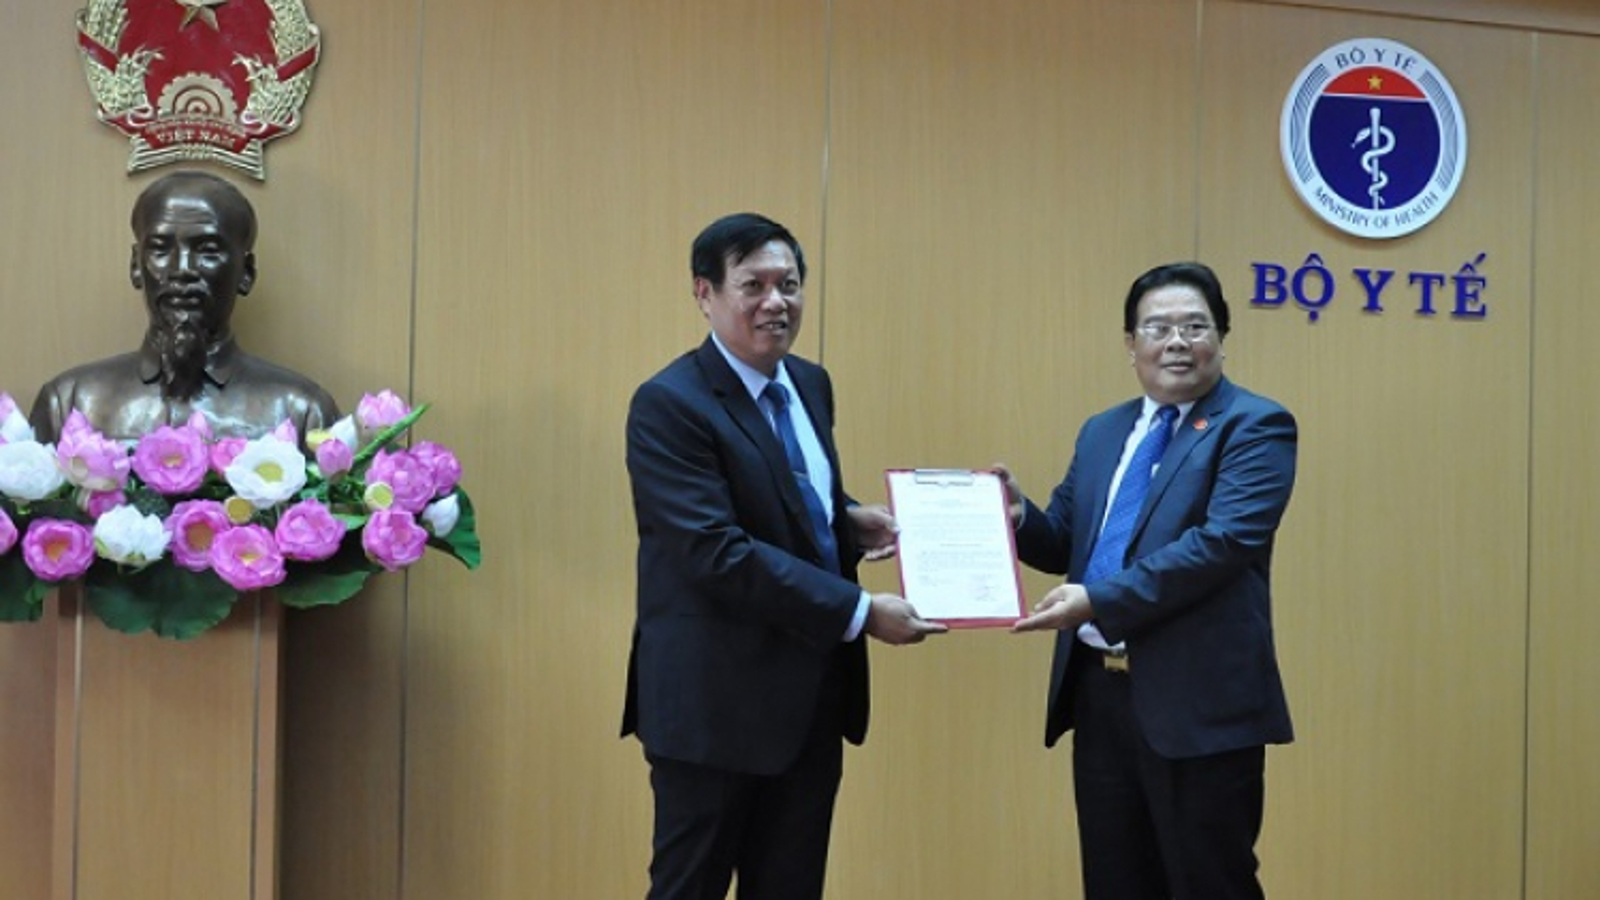 Ông Đỗ Xuân Tuyên làm Bí thư Đảng ủy Bộ Y tế